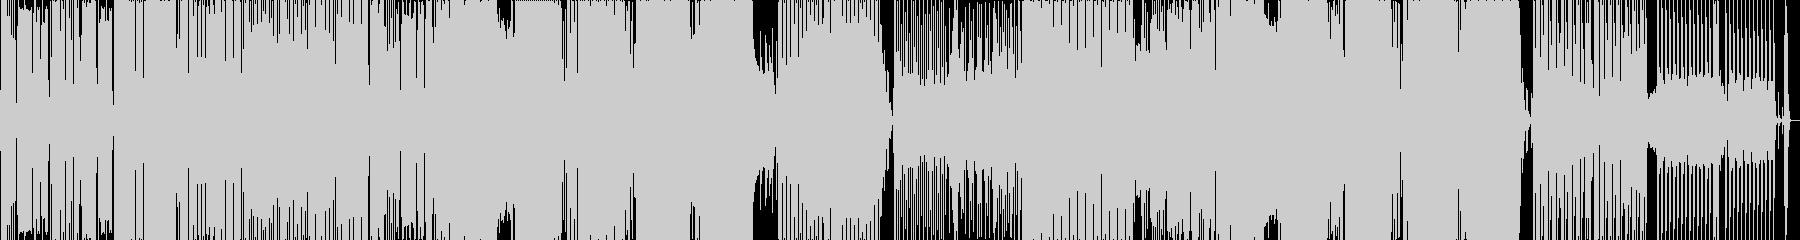 南国風ハウス2の未再生の波形